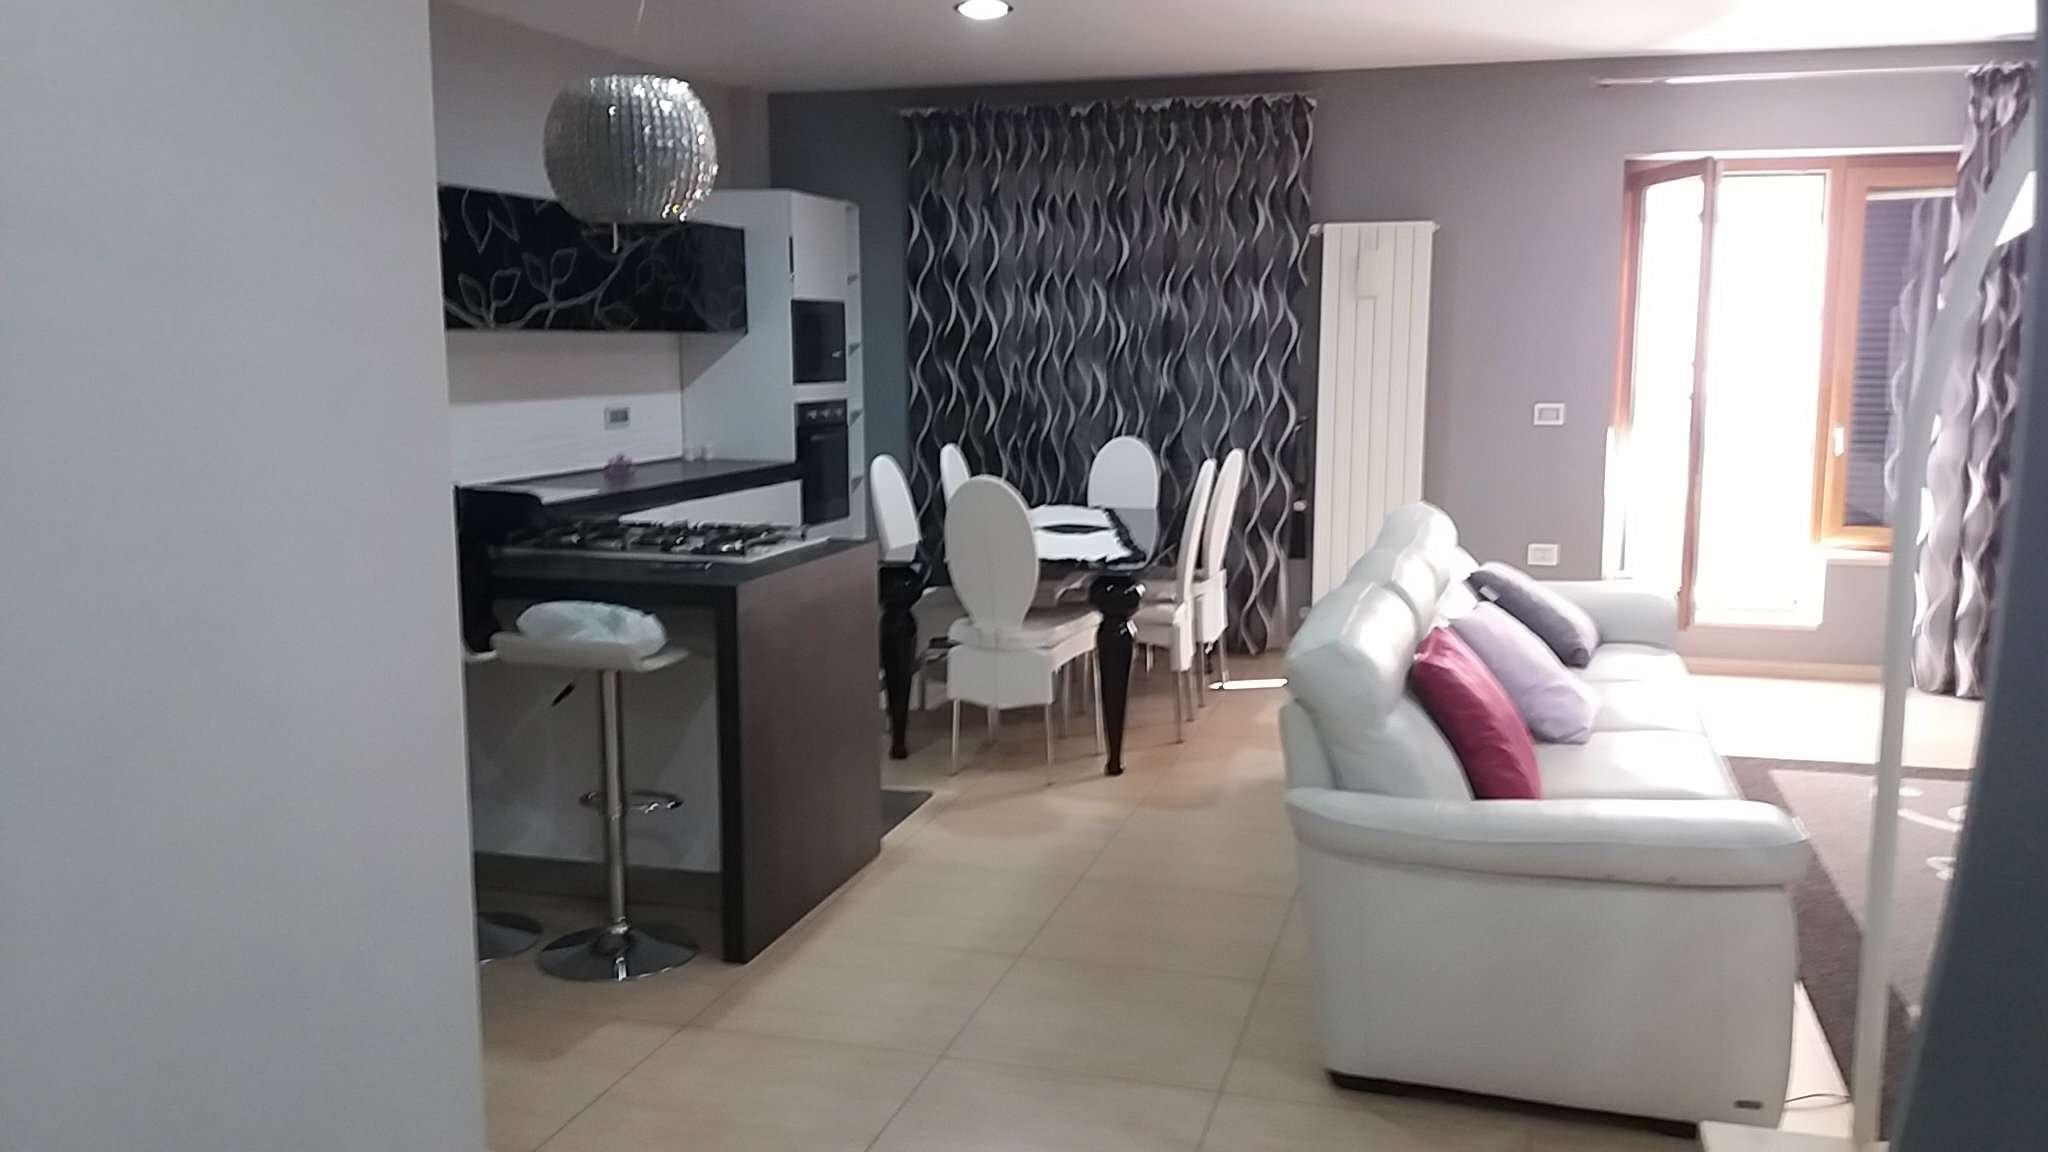 Appartamento in vendita a Villaricca, 6 locali, prezzo € 225.000 | Cambio Casa.it